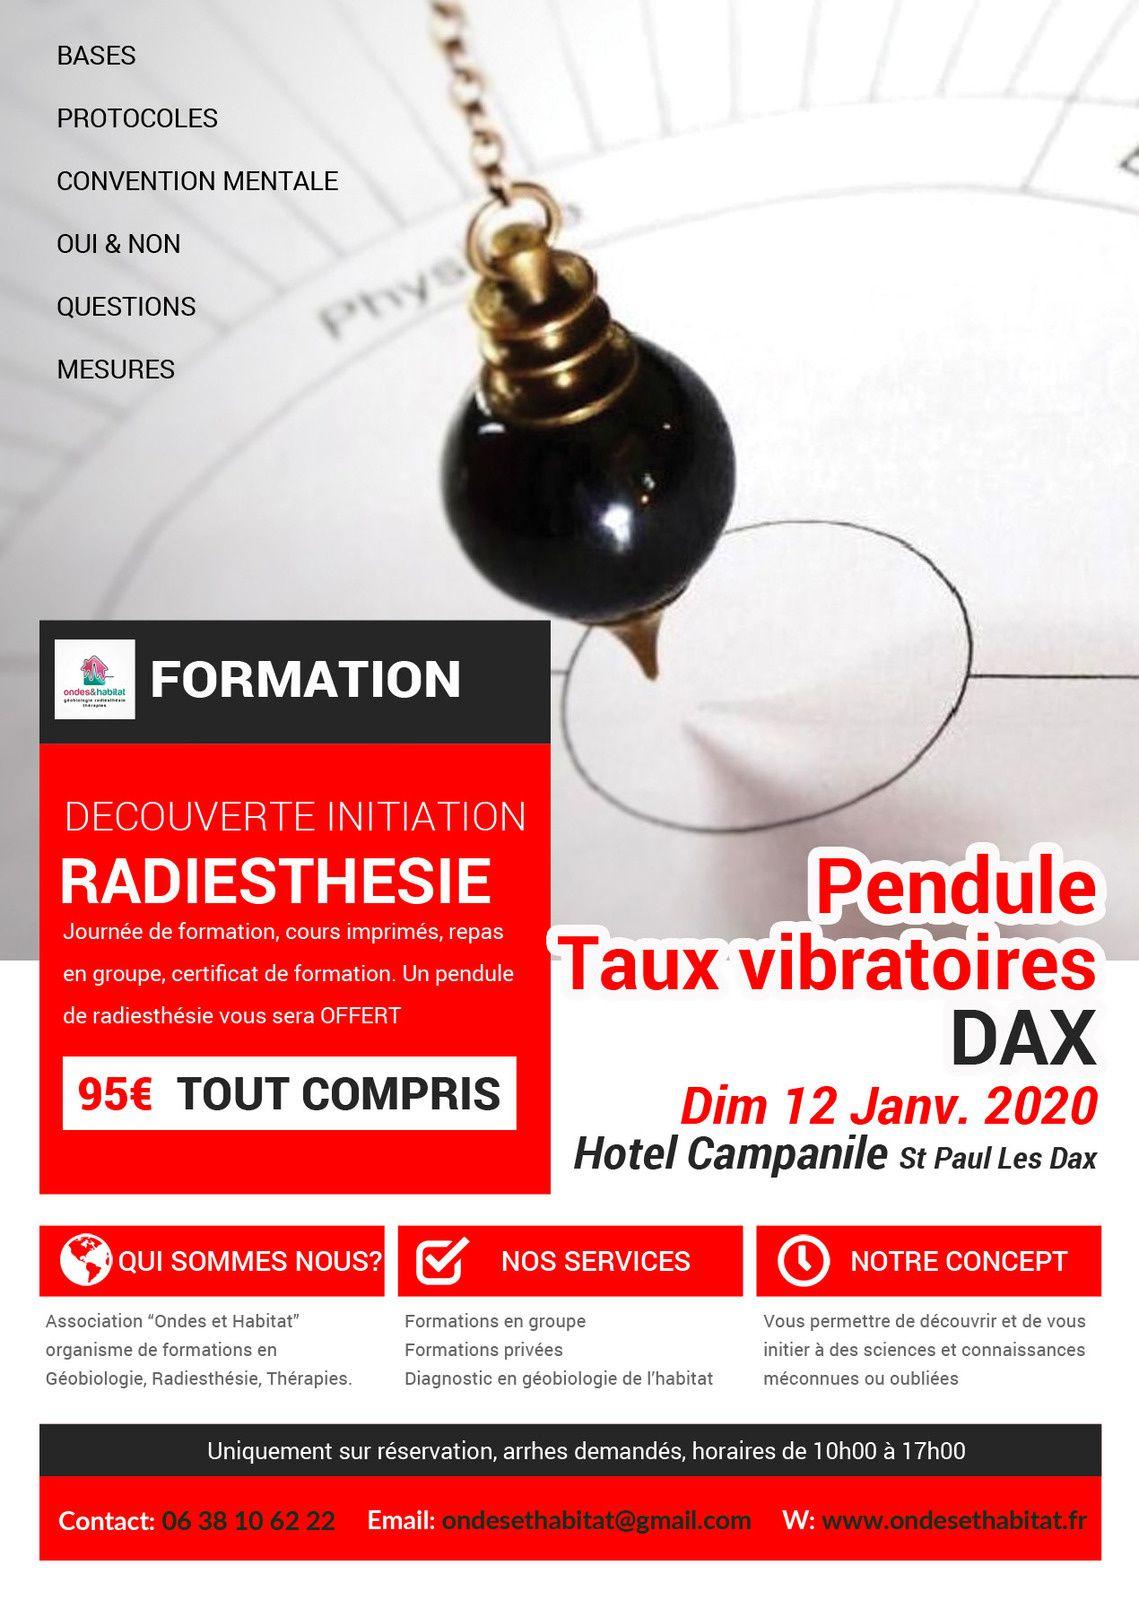 DAX Formation Radiesthésie : PENDULE, bases, protocoles, Taux Vibratoires 12 01 2020